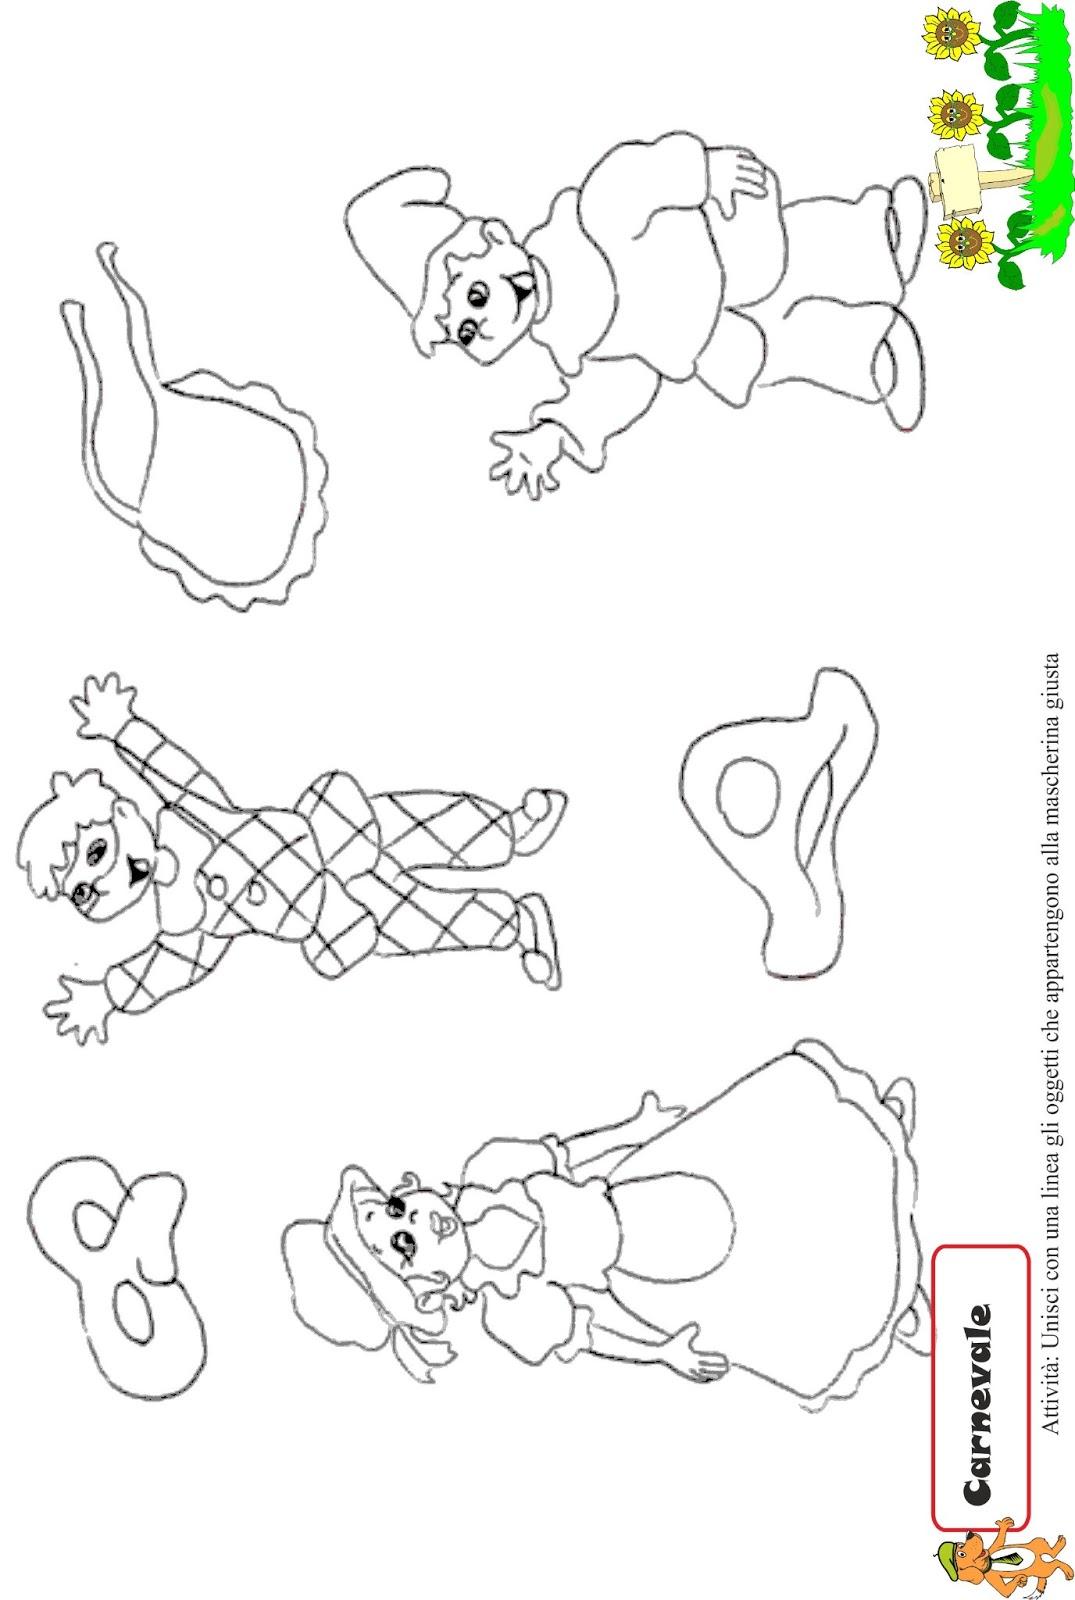 A scuola con poldo schede carnevale 3 for Schede didattiche scuola infanzia 3 anni